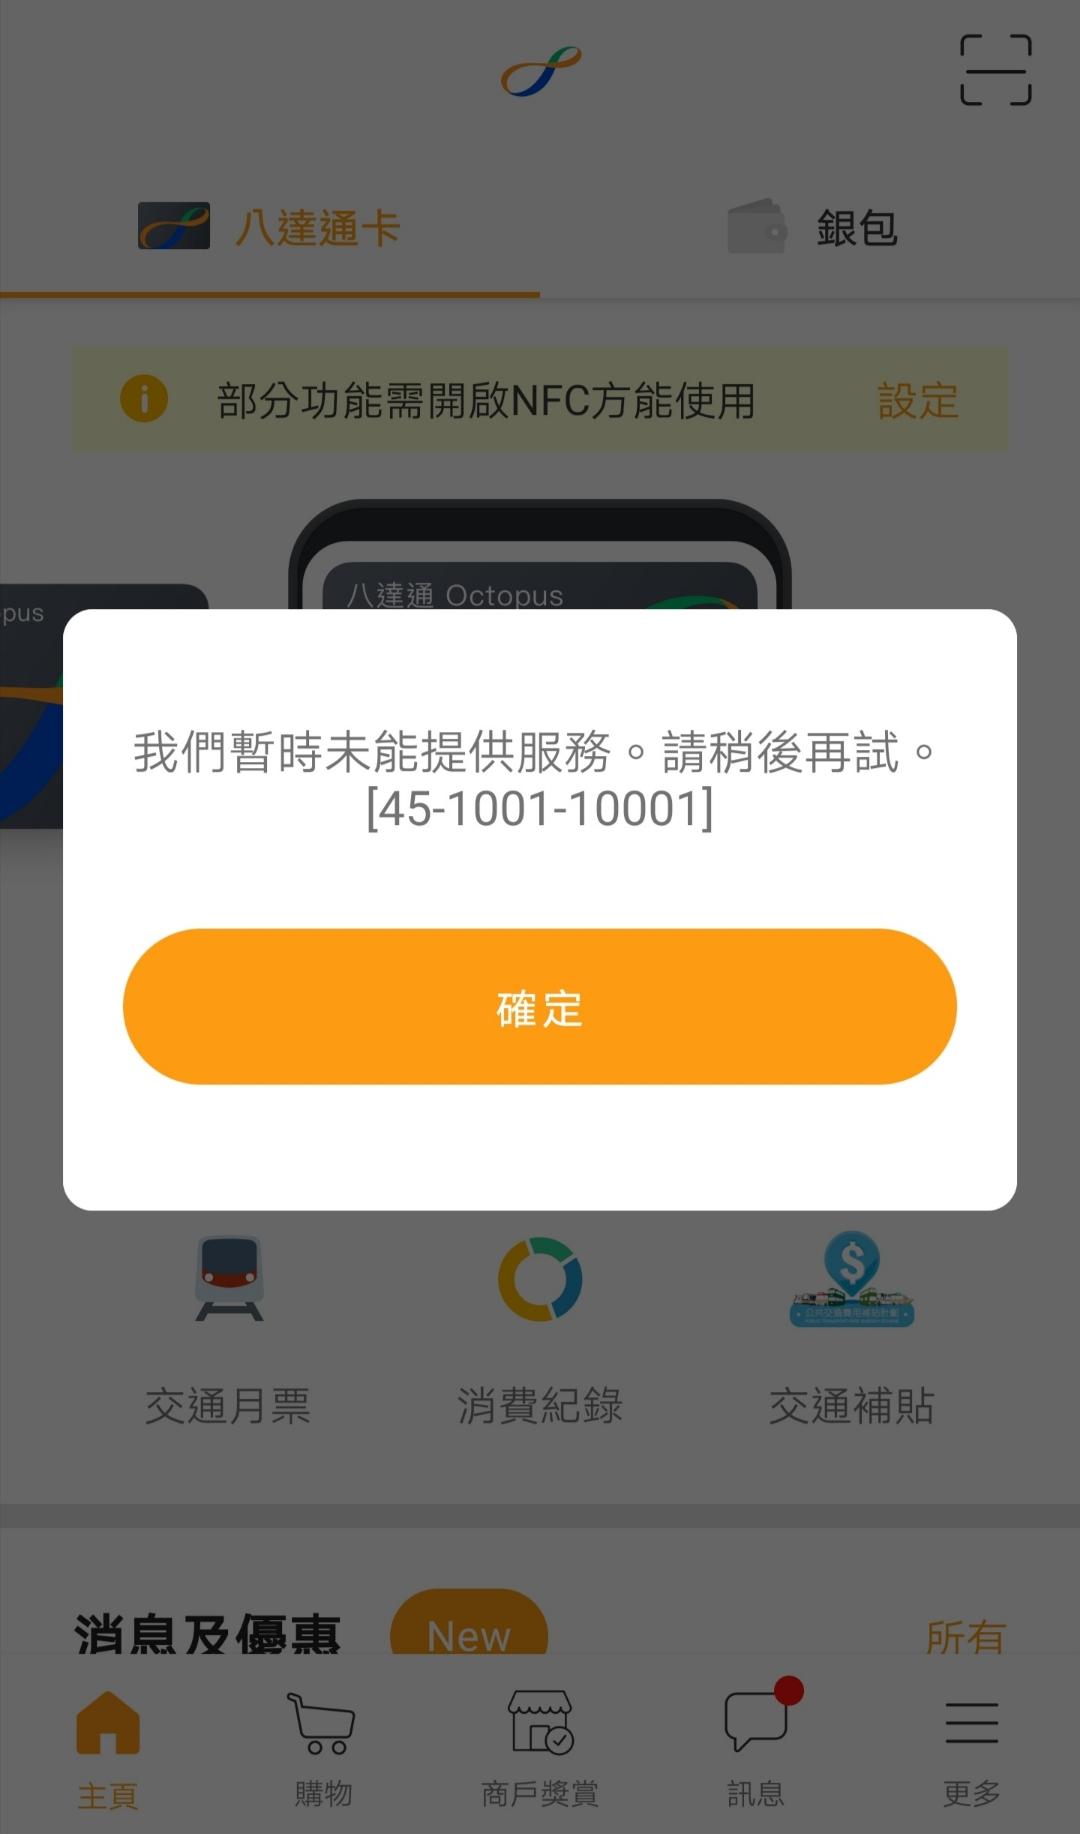 Screenshot_20201211_015233.jpg